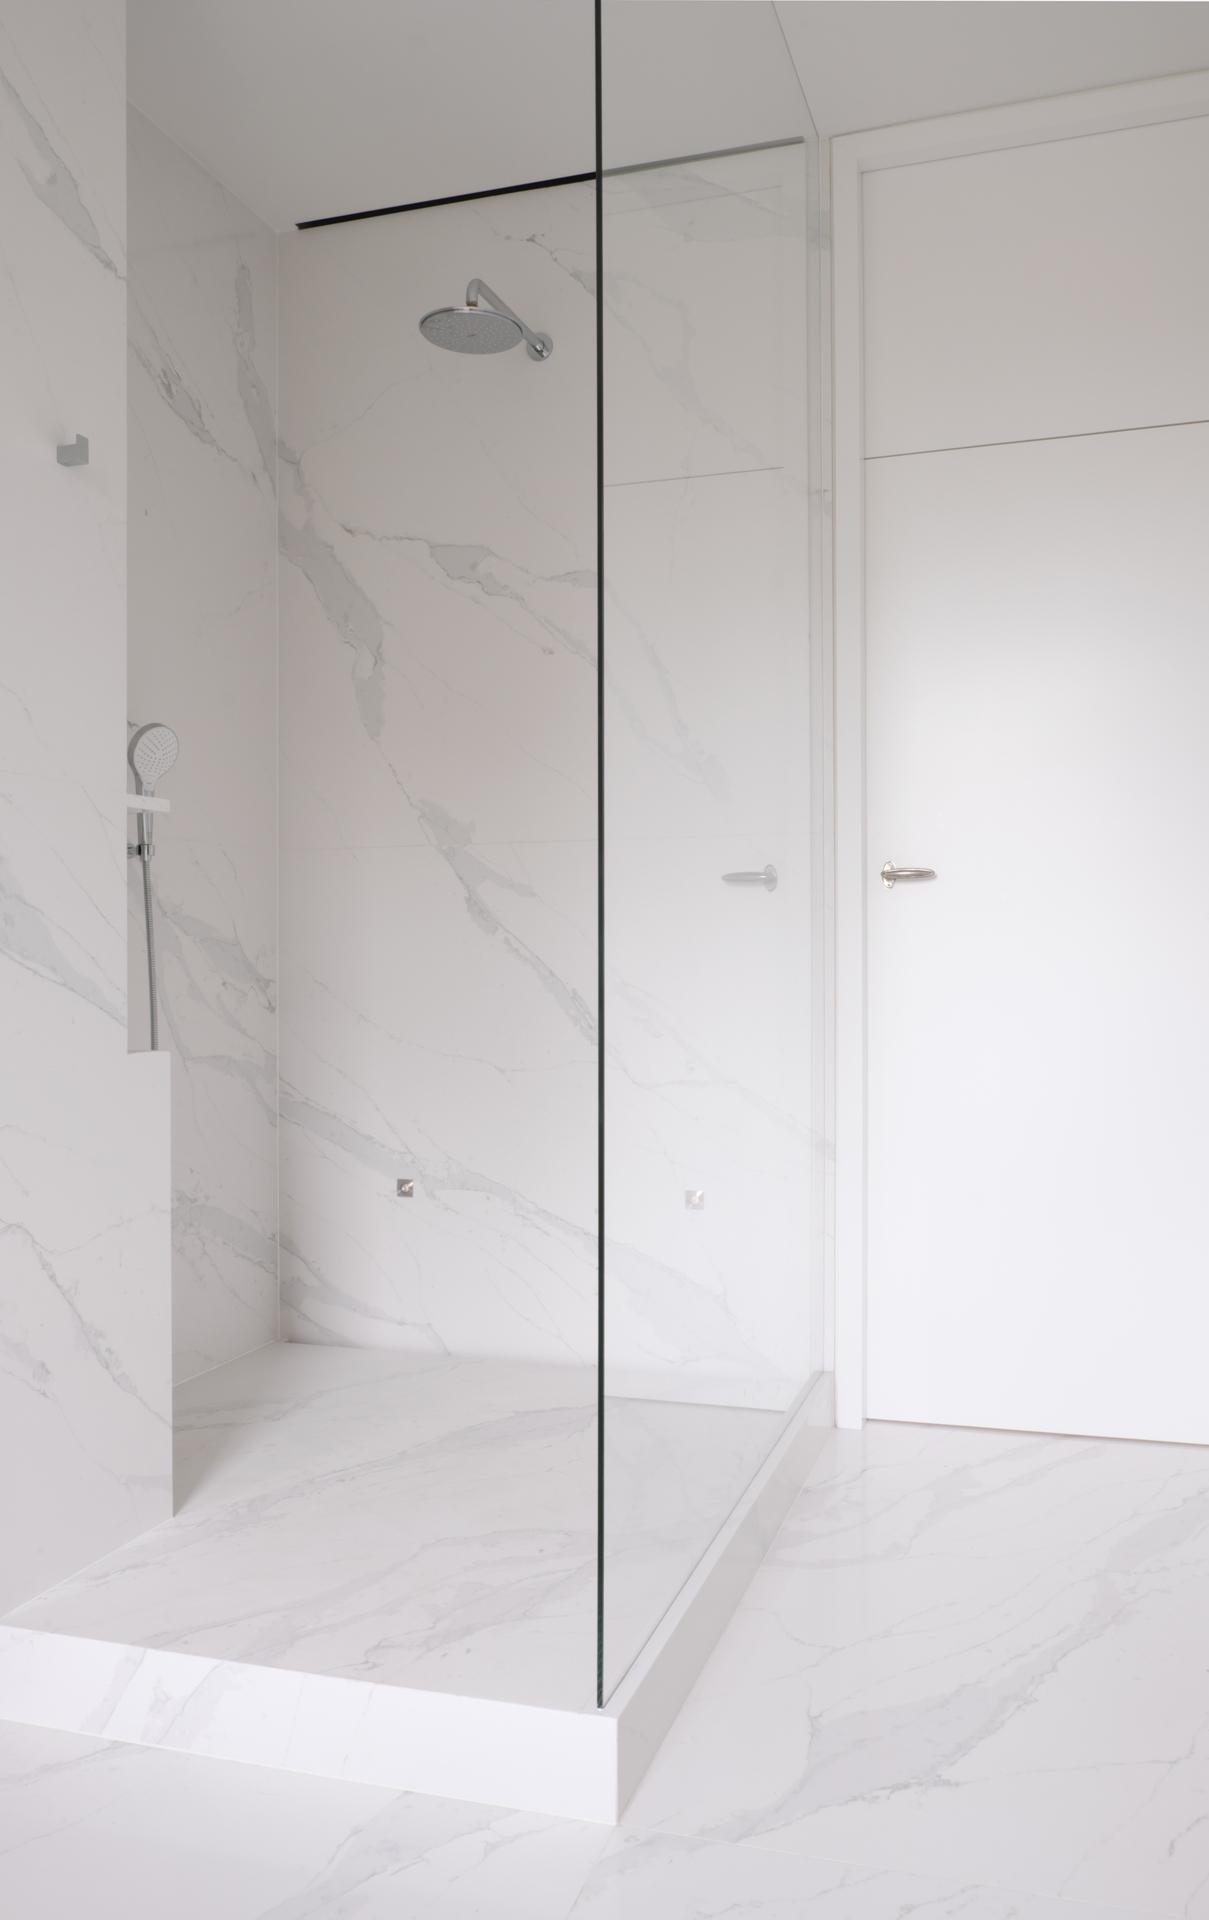 Großformatige Duschwandplatten und Duschtasse aus Stein auf Maß gefertigt